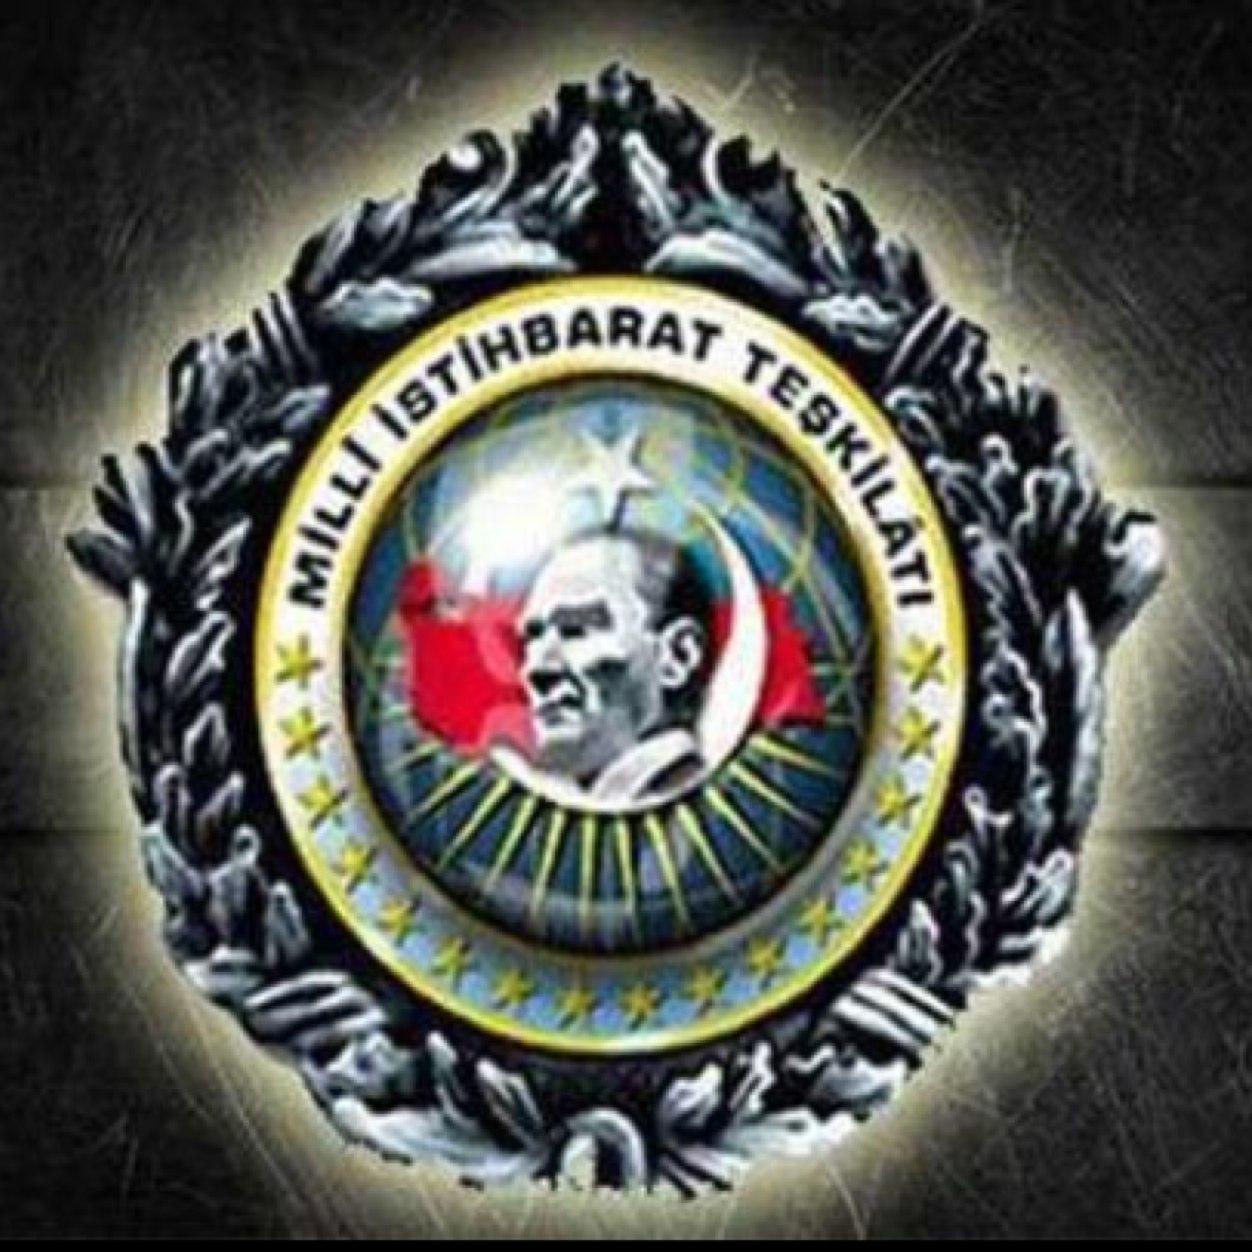 Cumhuriyet gazetesinde yayımlanan bir araştırmada Türkiye'de her 32 kişiden birinin devlet tarafından fişlenmiş olduğu belirtildi MİT ve Emniyet Genel Müdürlüğü'nün fişlediği kişilerin 1,7 milyona ulaştığı bildirildi. tarihte bugün